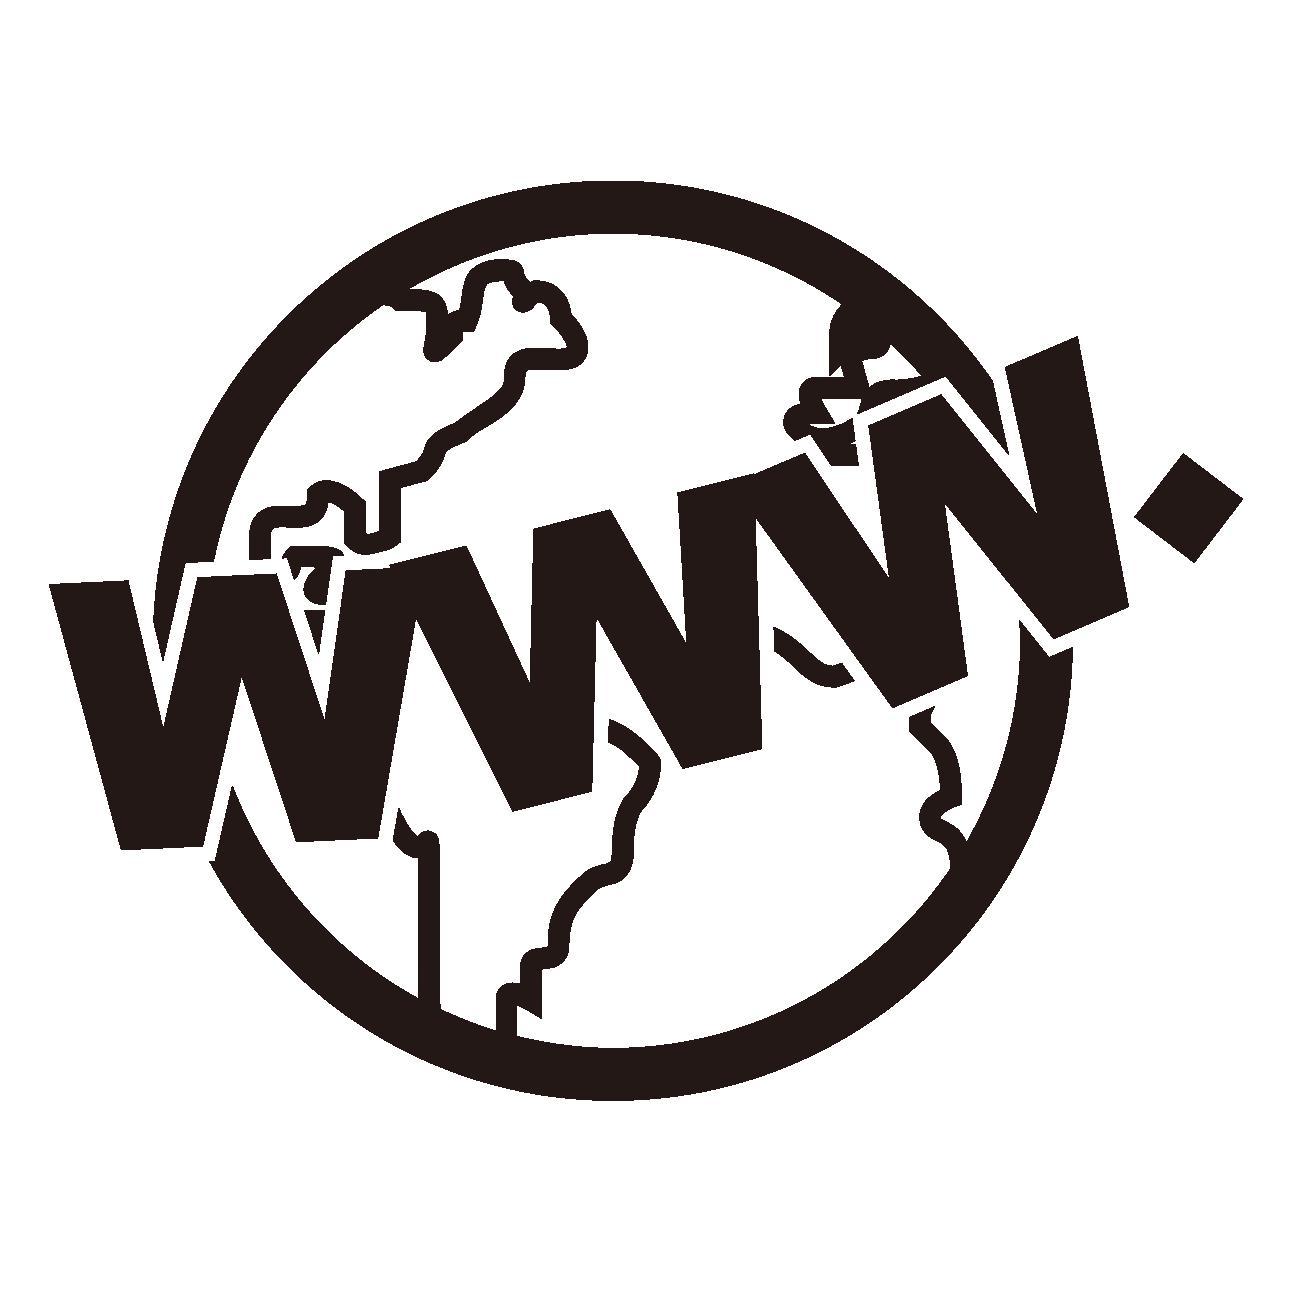 無料で簡単にホームページが作成できる!「Googleウェブサイトビルダー」の使い方を解説